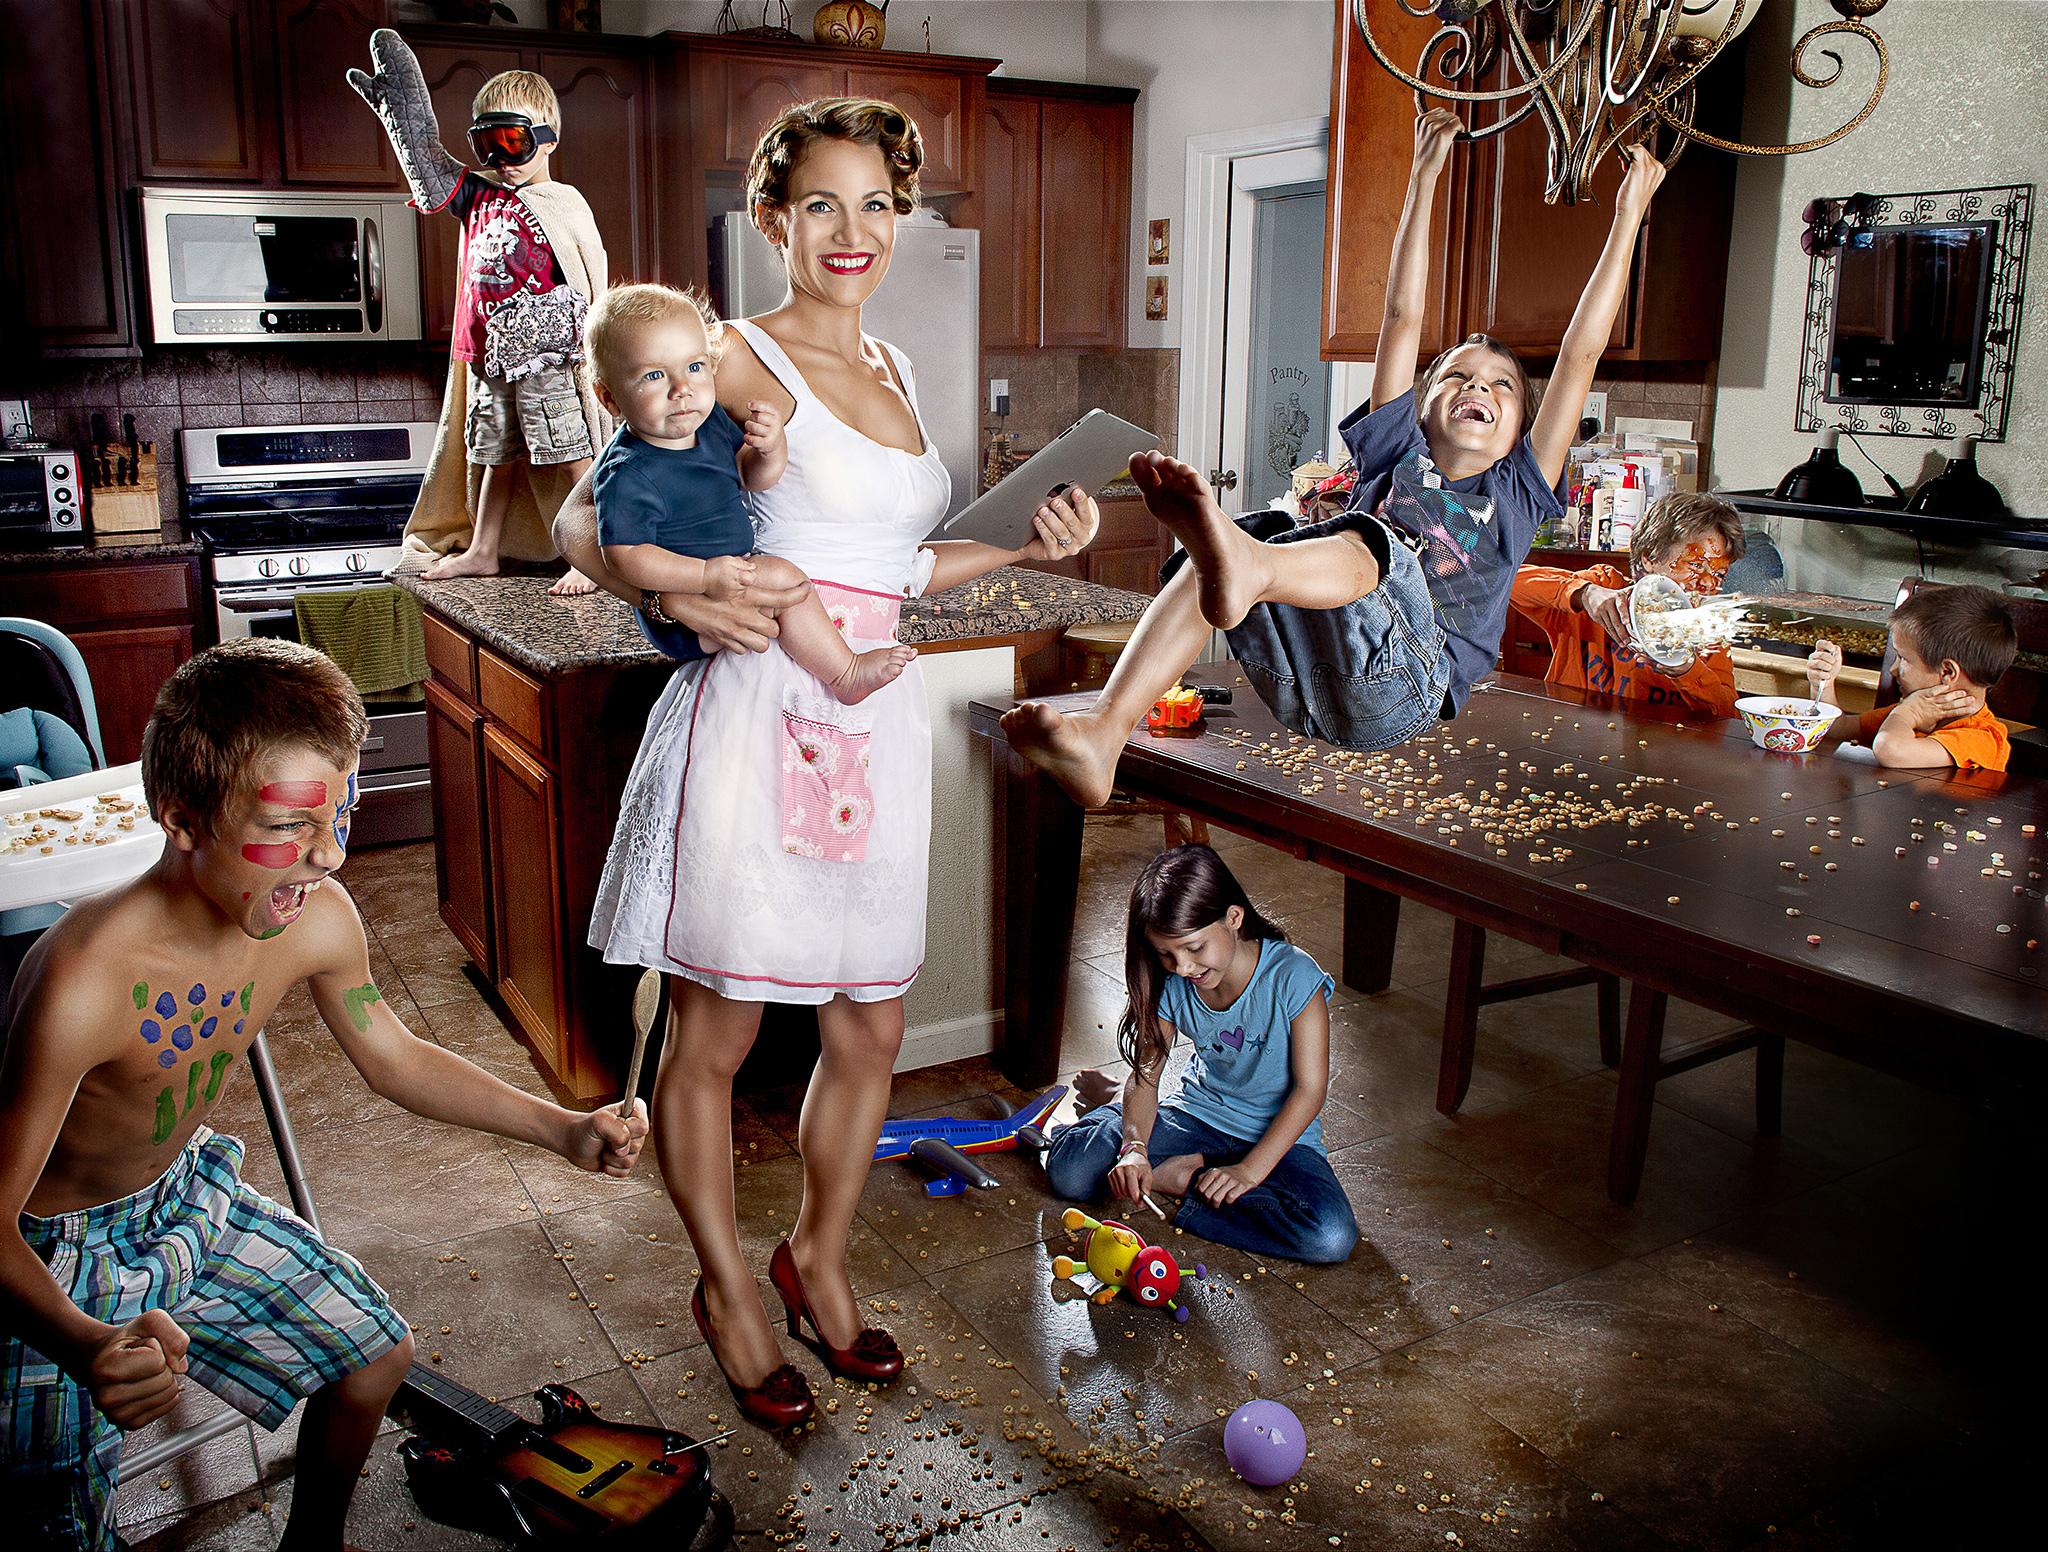 Супер мамочки или бизнес с ребенком подмышкой!